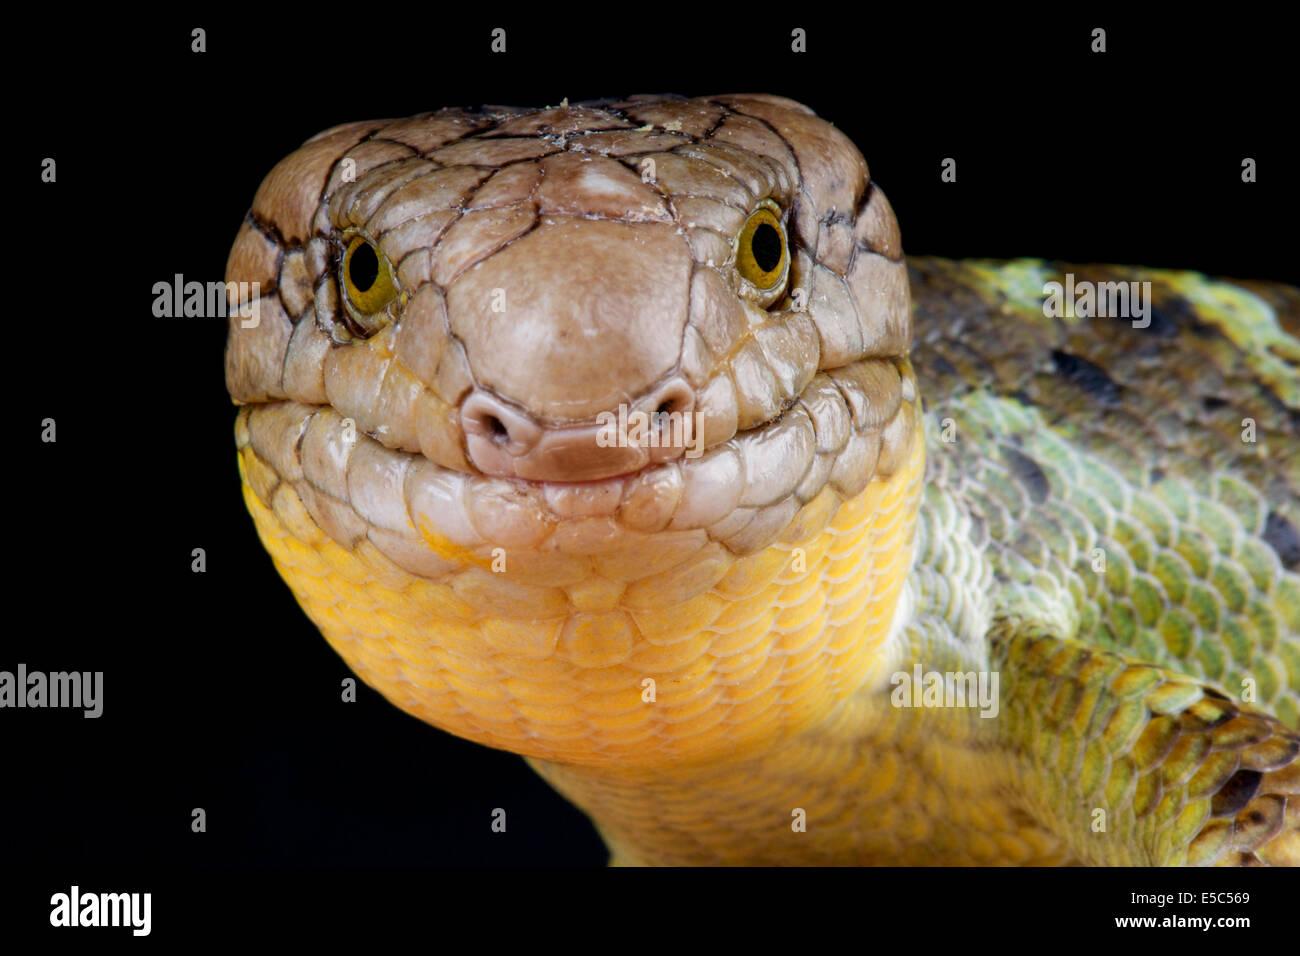 Giant monkey skink / Corucia zebrata - Stock Image